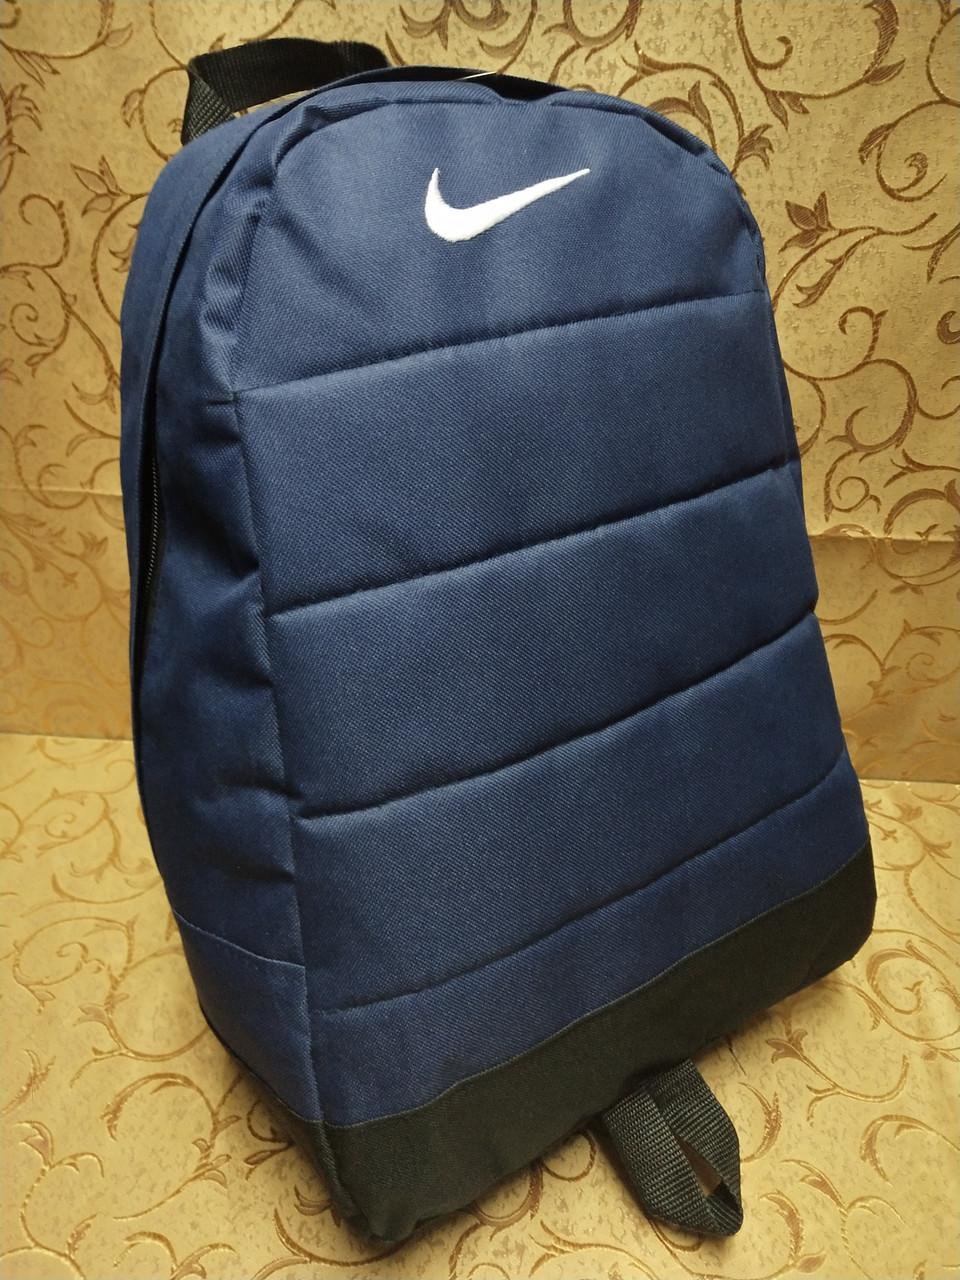 a1127a1b4a49 Новинка Рюкзак nike спортивный спорт городской стильный рюкзак только оптом,  фото 1